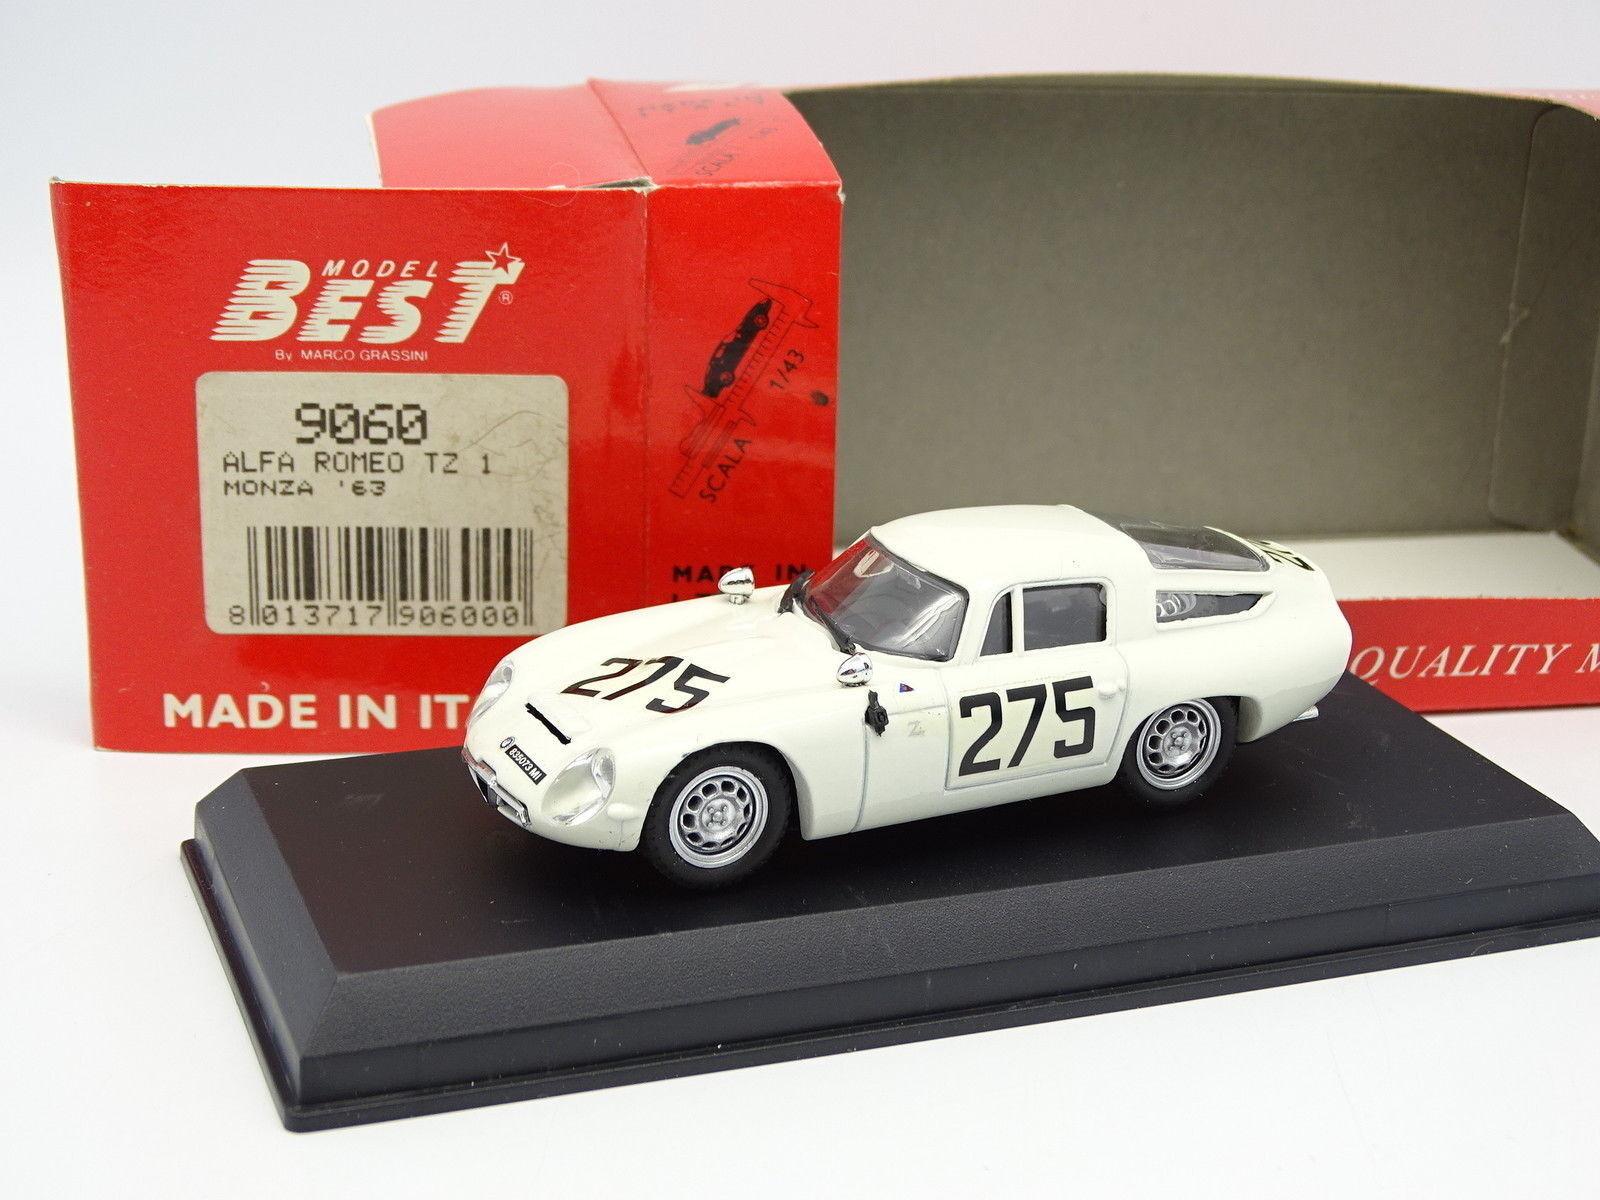 Best 1 43 - Alfa Romeo TZ1 Monza 1963